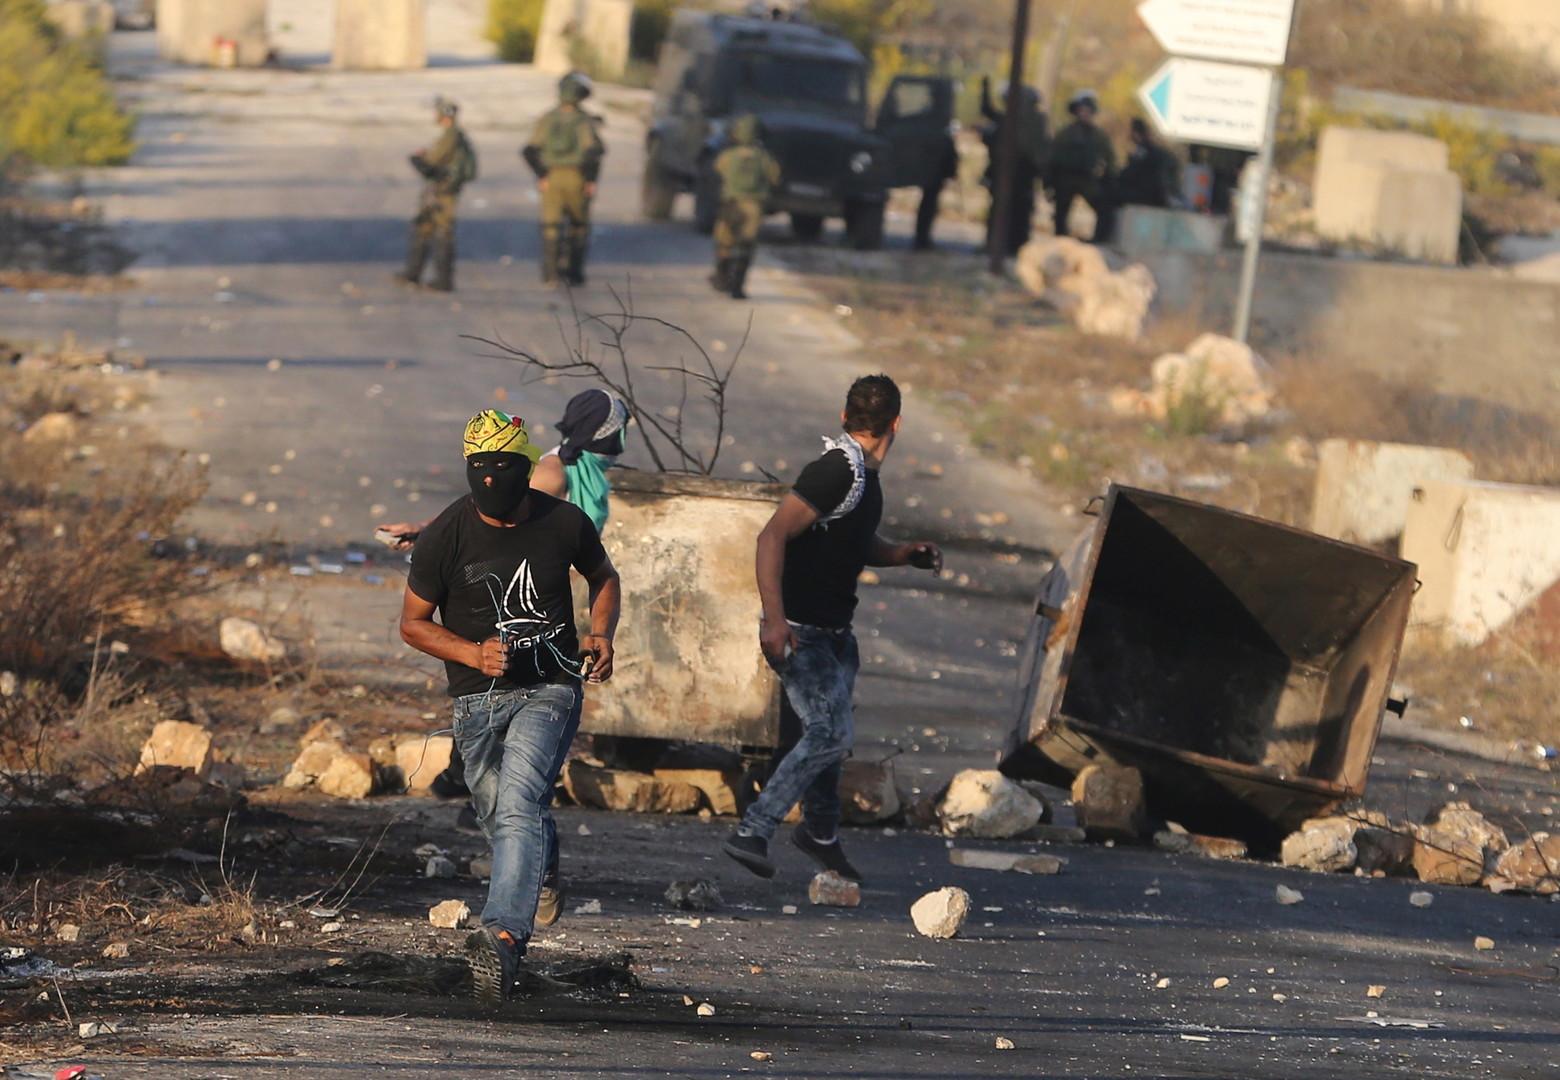 مقتل 4 فلسطينيين برصاص الجيش الإسرائيلي في غزة والضفة (فيديو)